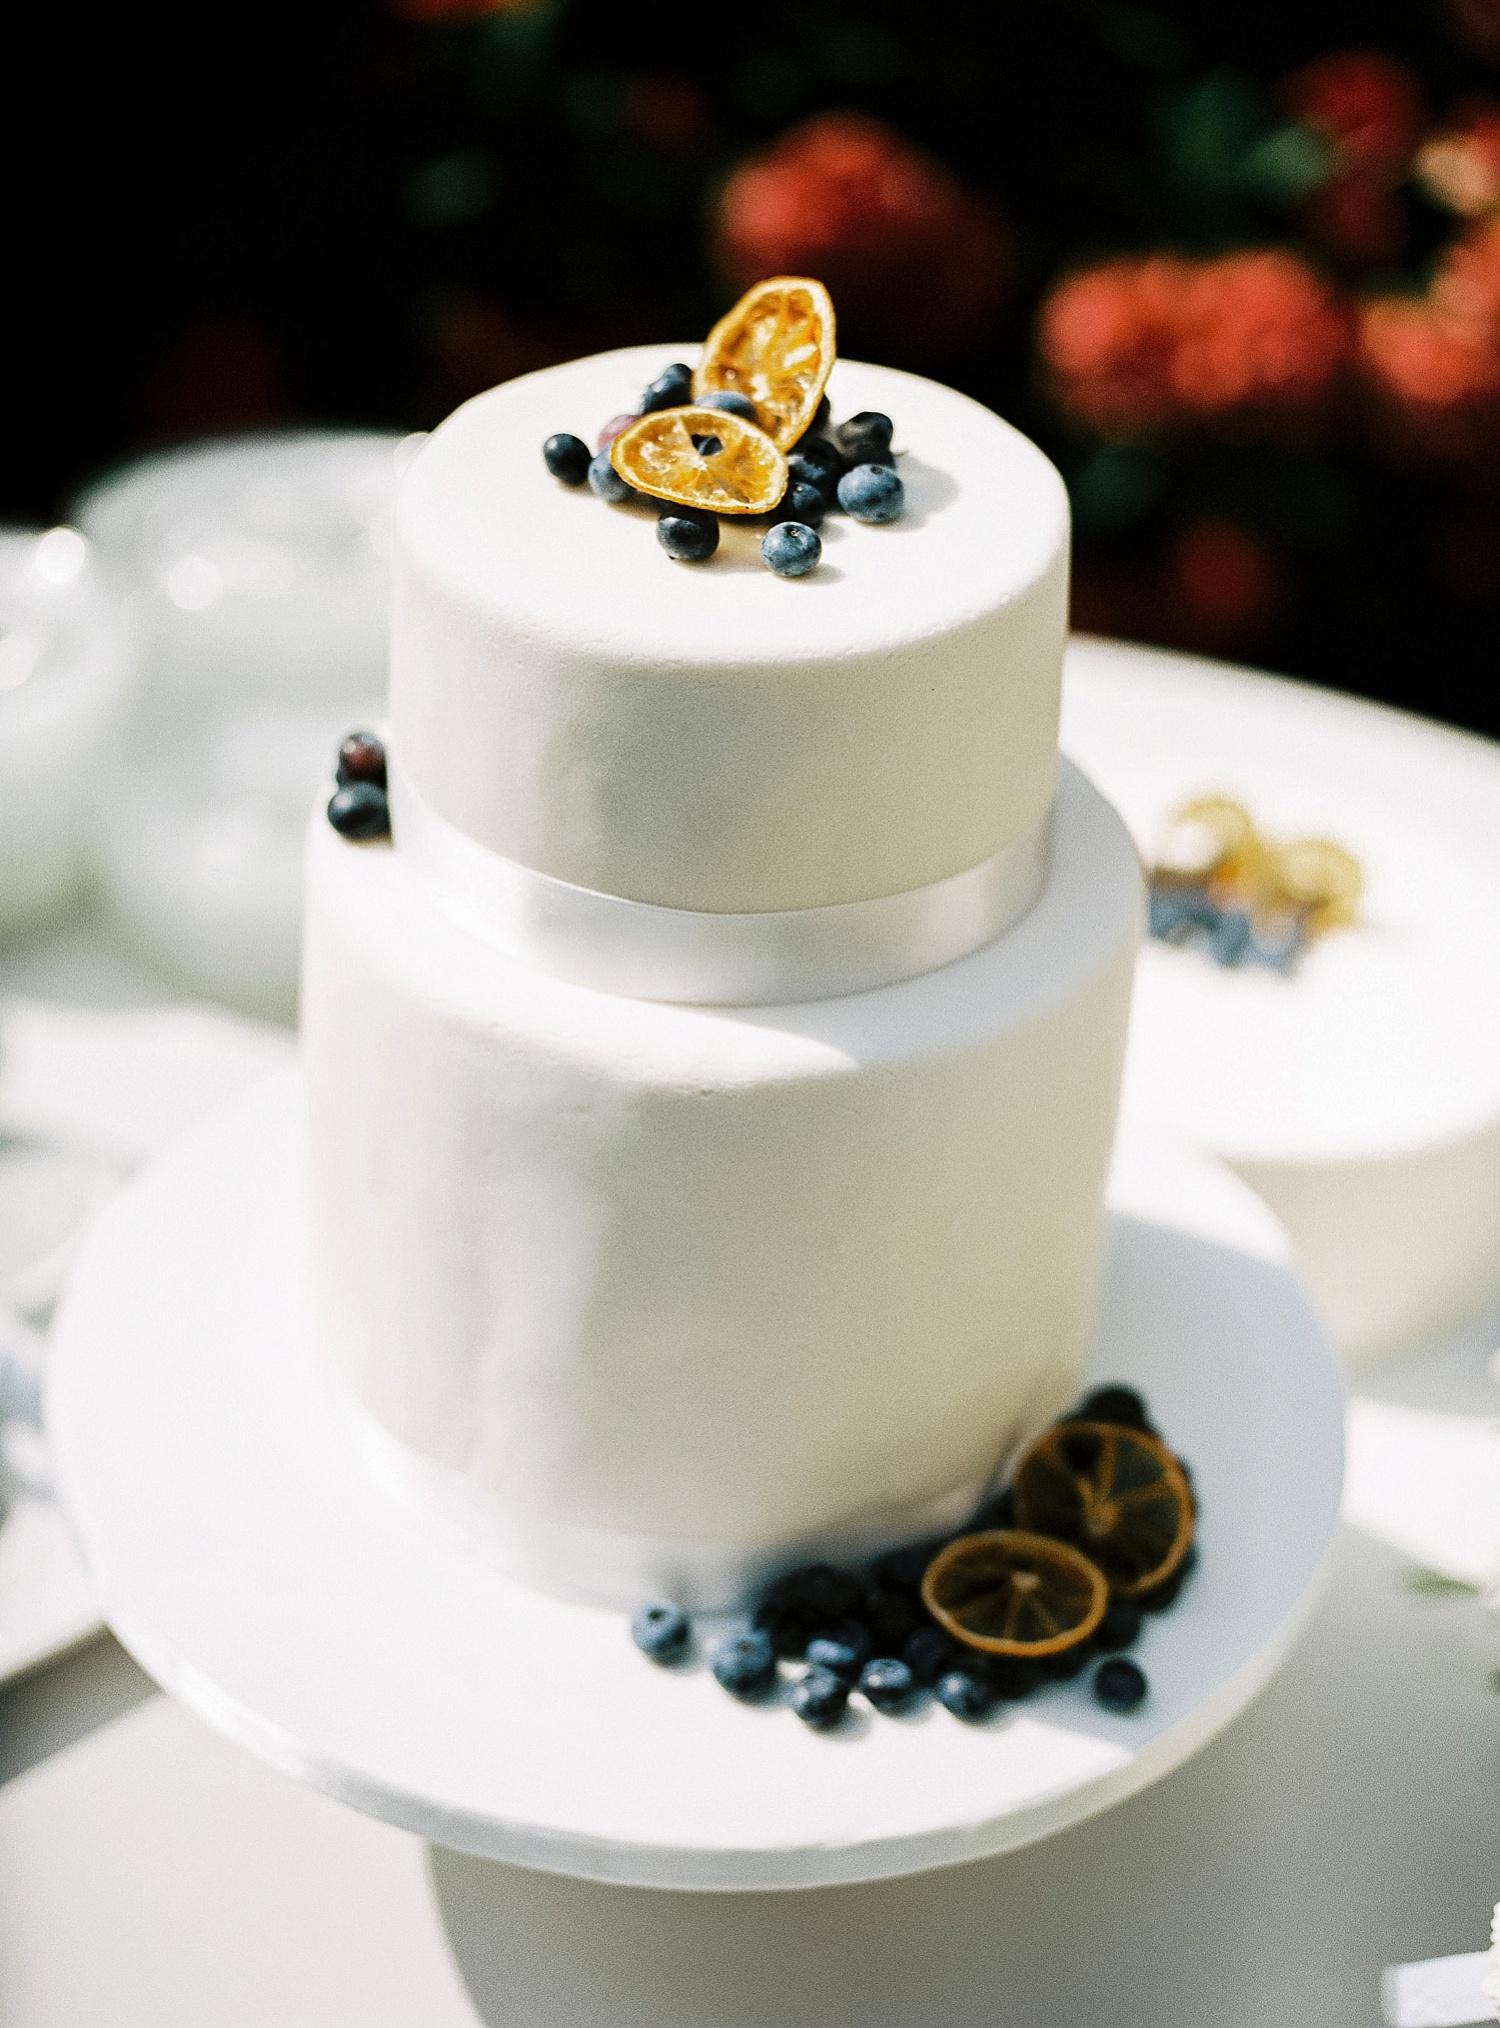 Romantisch Intieme Bruiloft Patrick Miranda | Trouwinspiratie | Hanke Arkenbout Photography 012